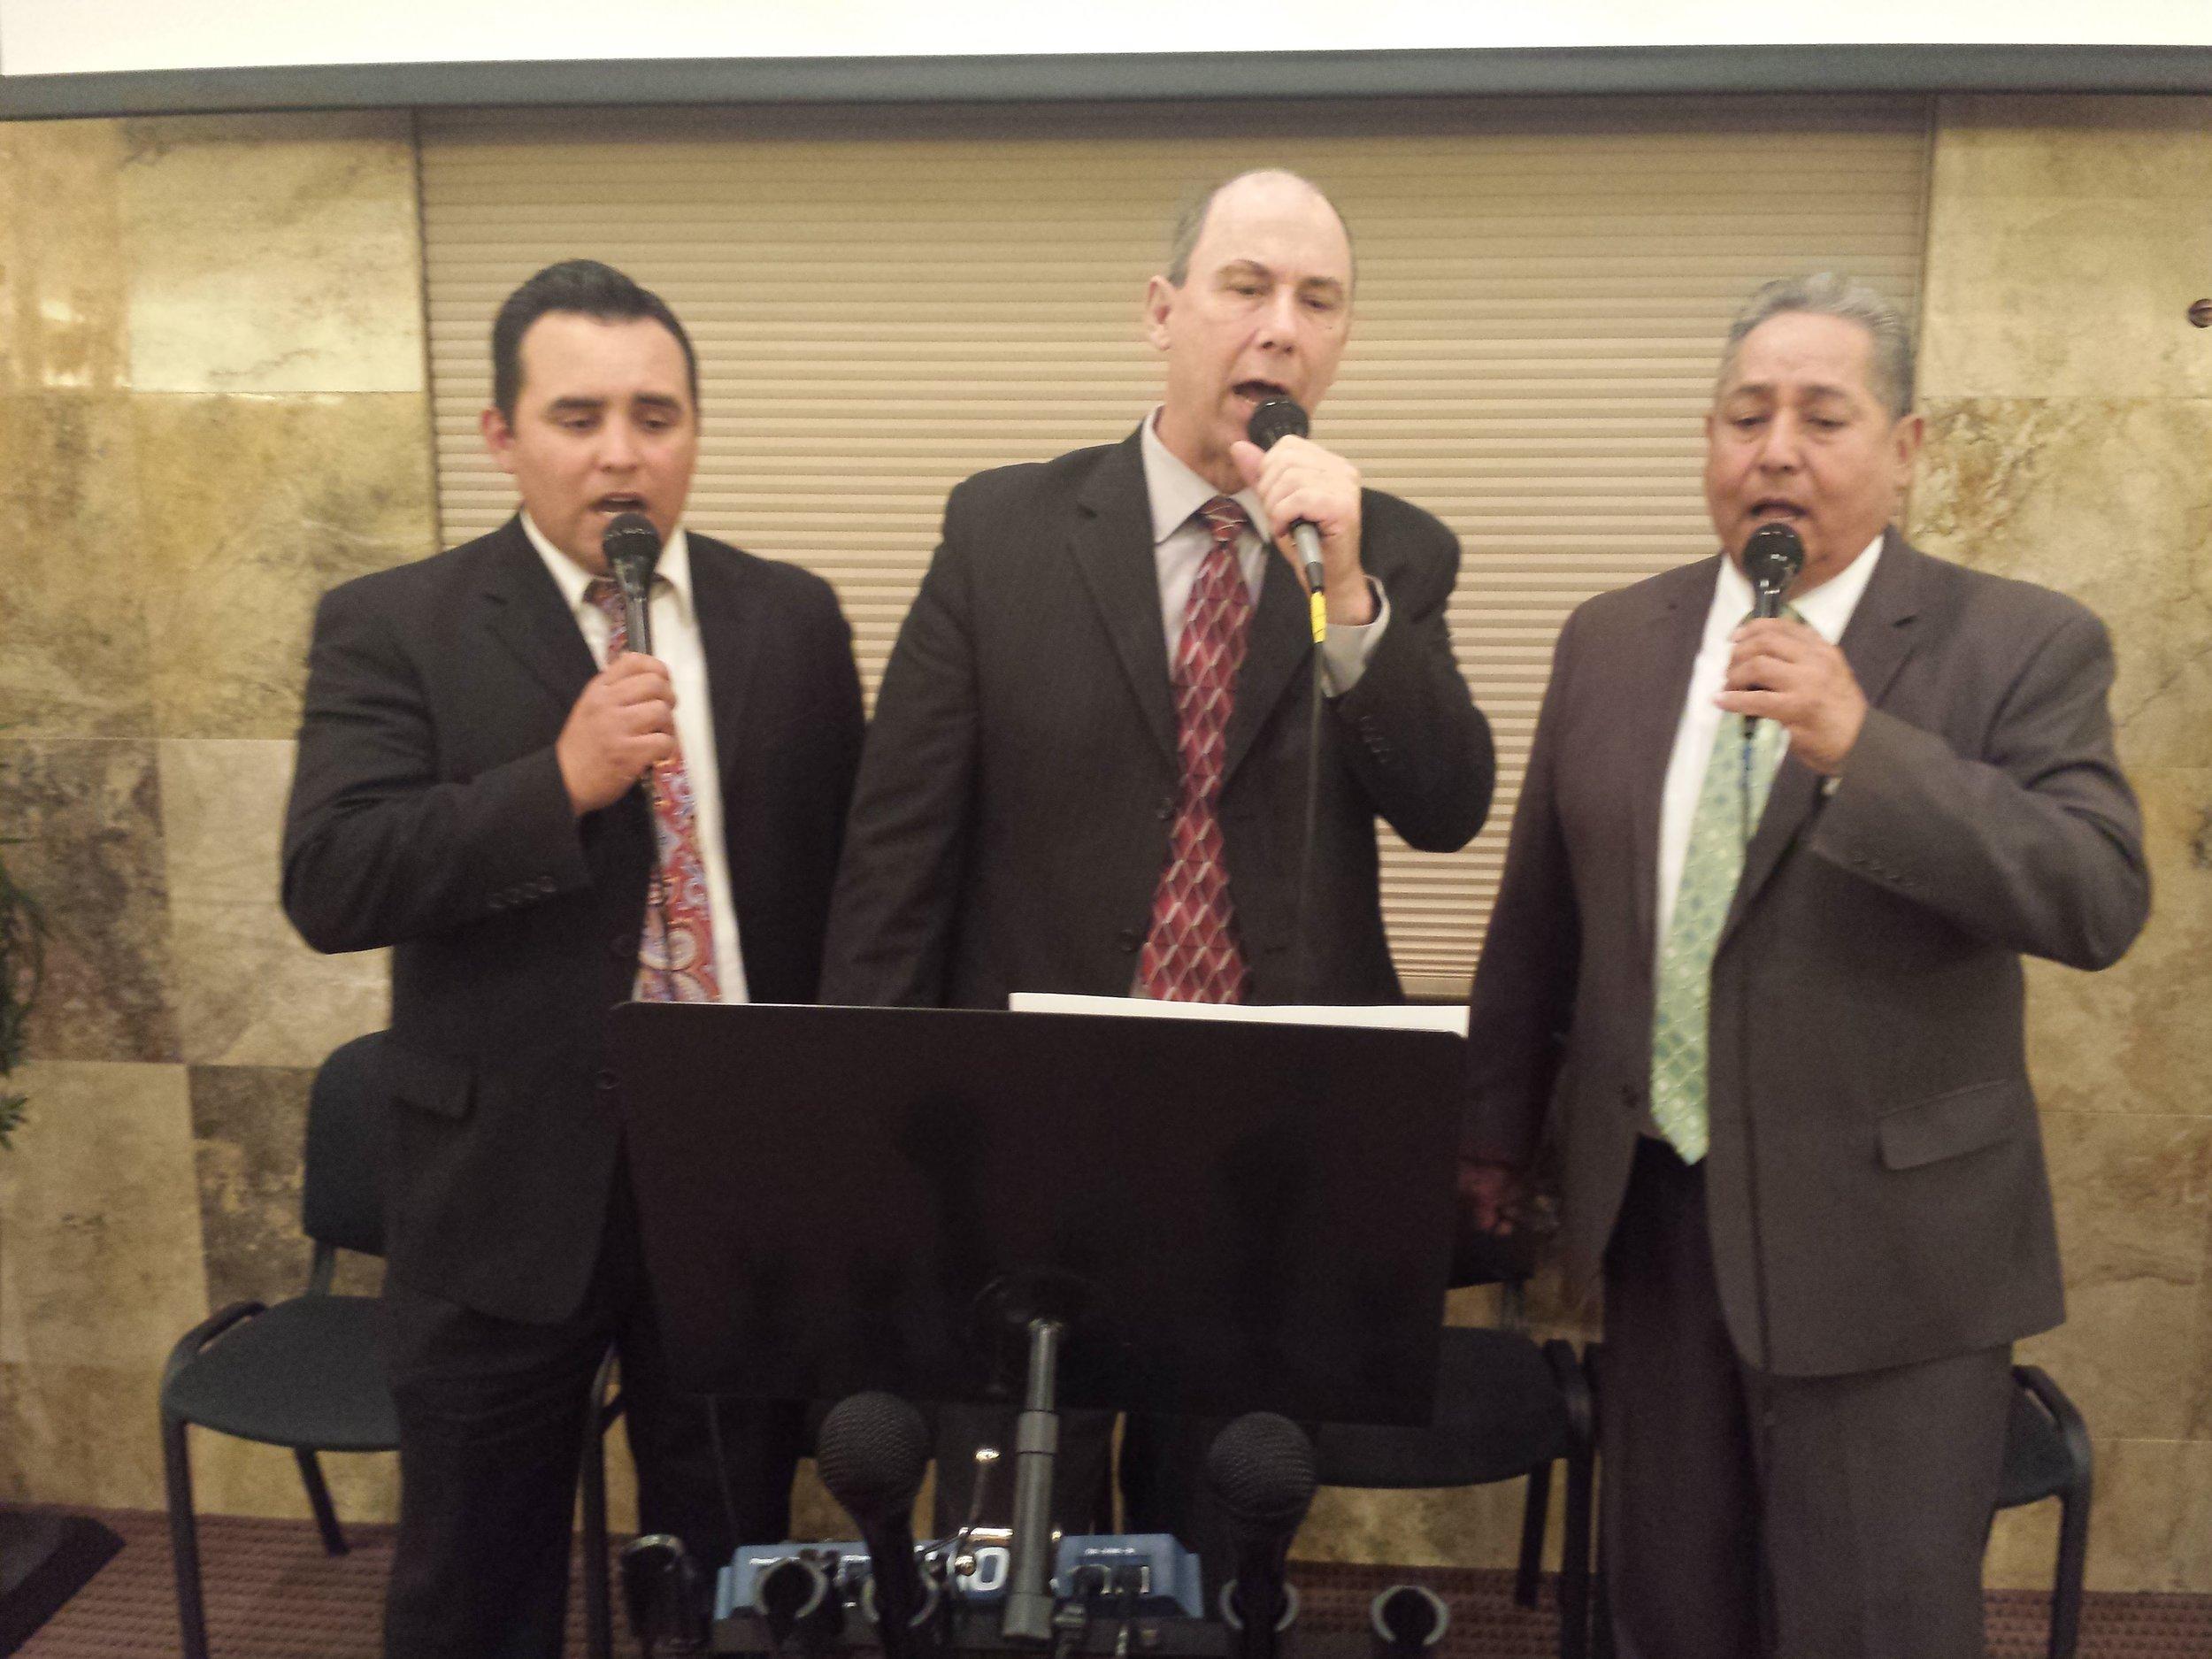 Bro. Raul, Bro. Mick and Bro. Nevarez